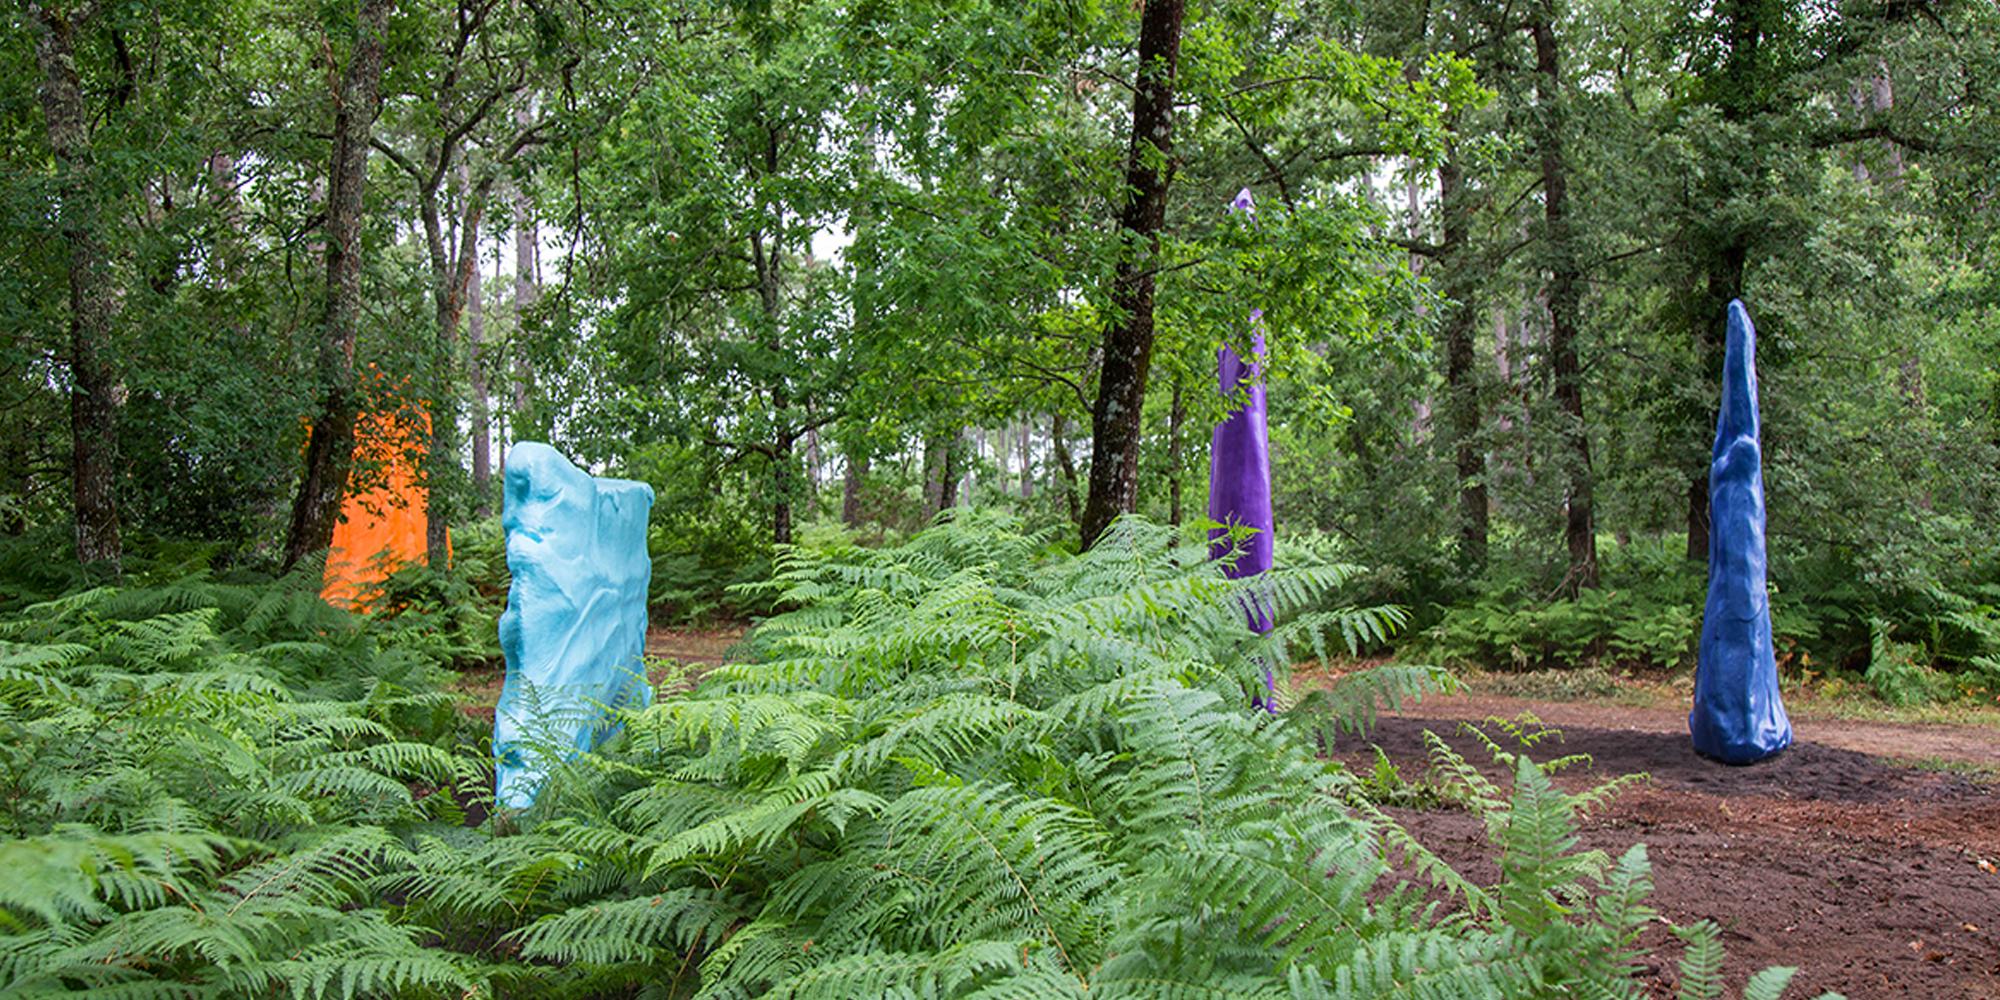 point de vue de la tranche des œuvres contemporaines sculptures en résine et fibre